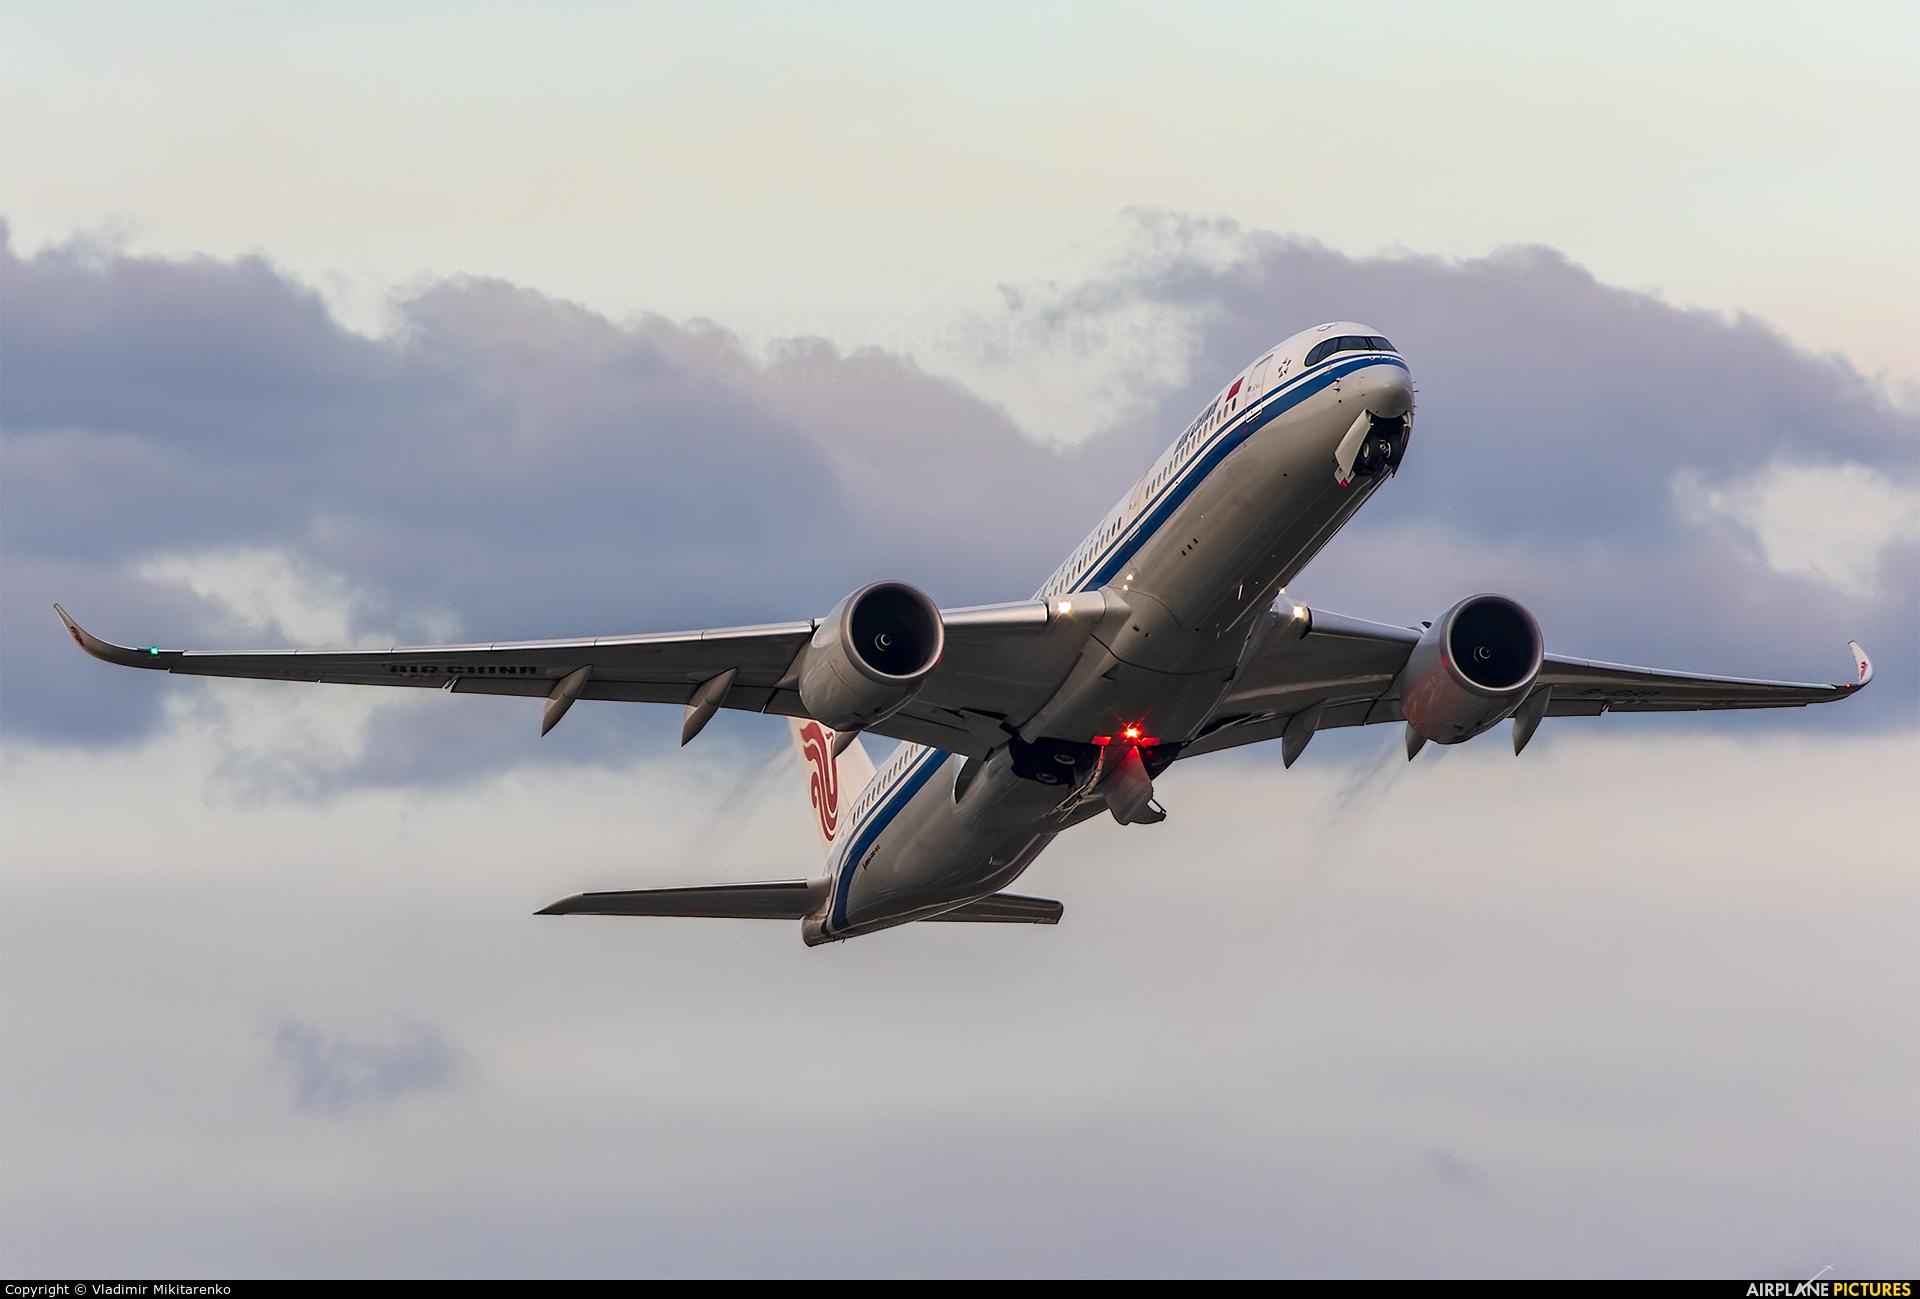 China Airlines B-1080 aircraft at Frankfurt